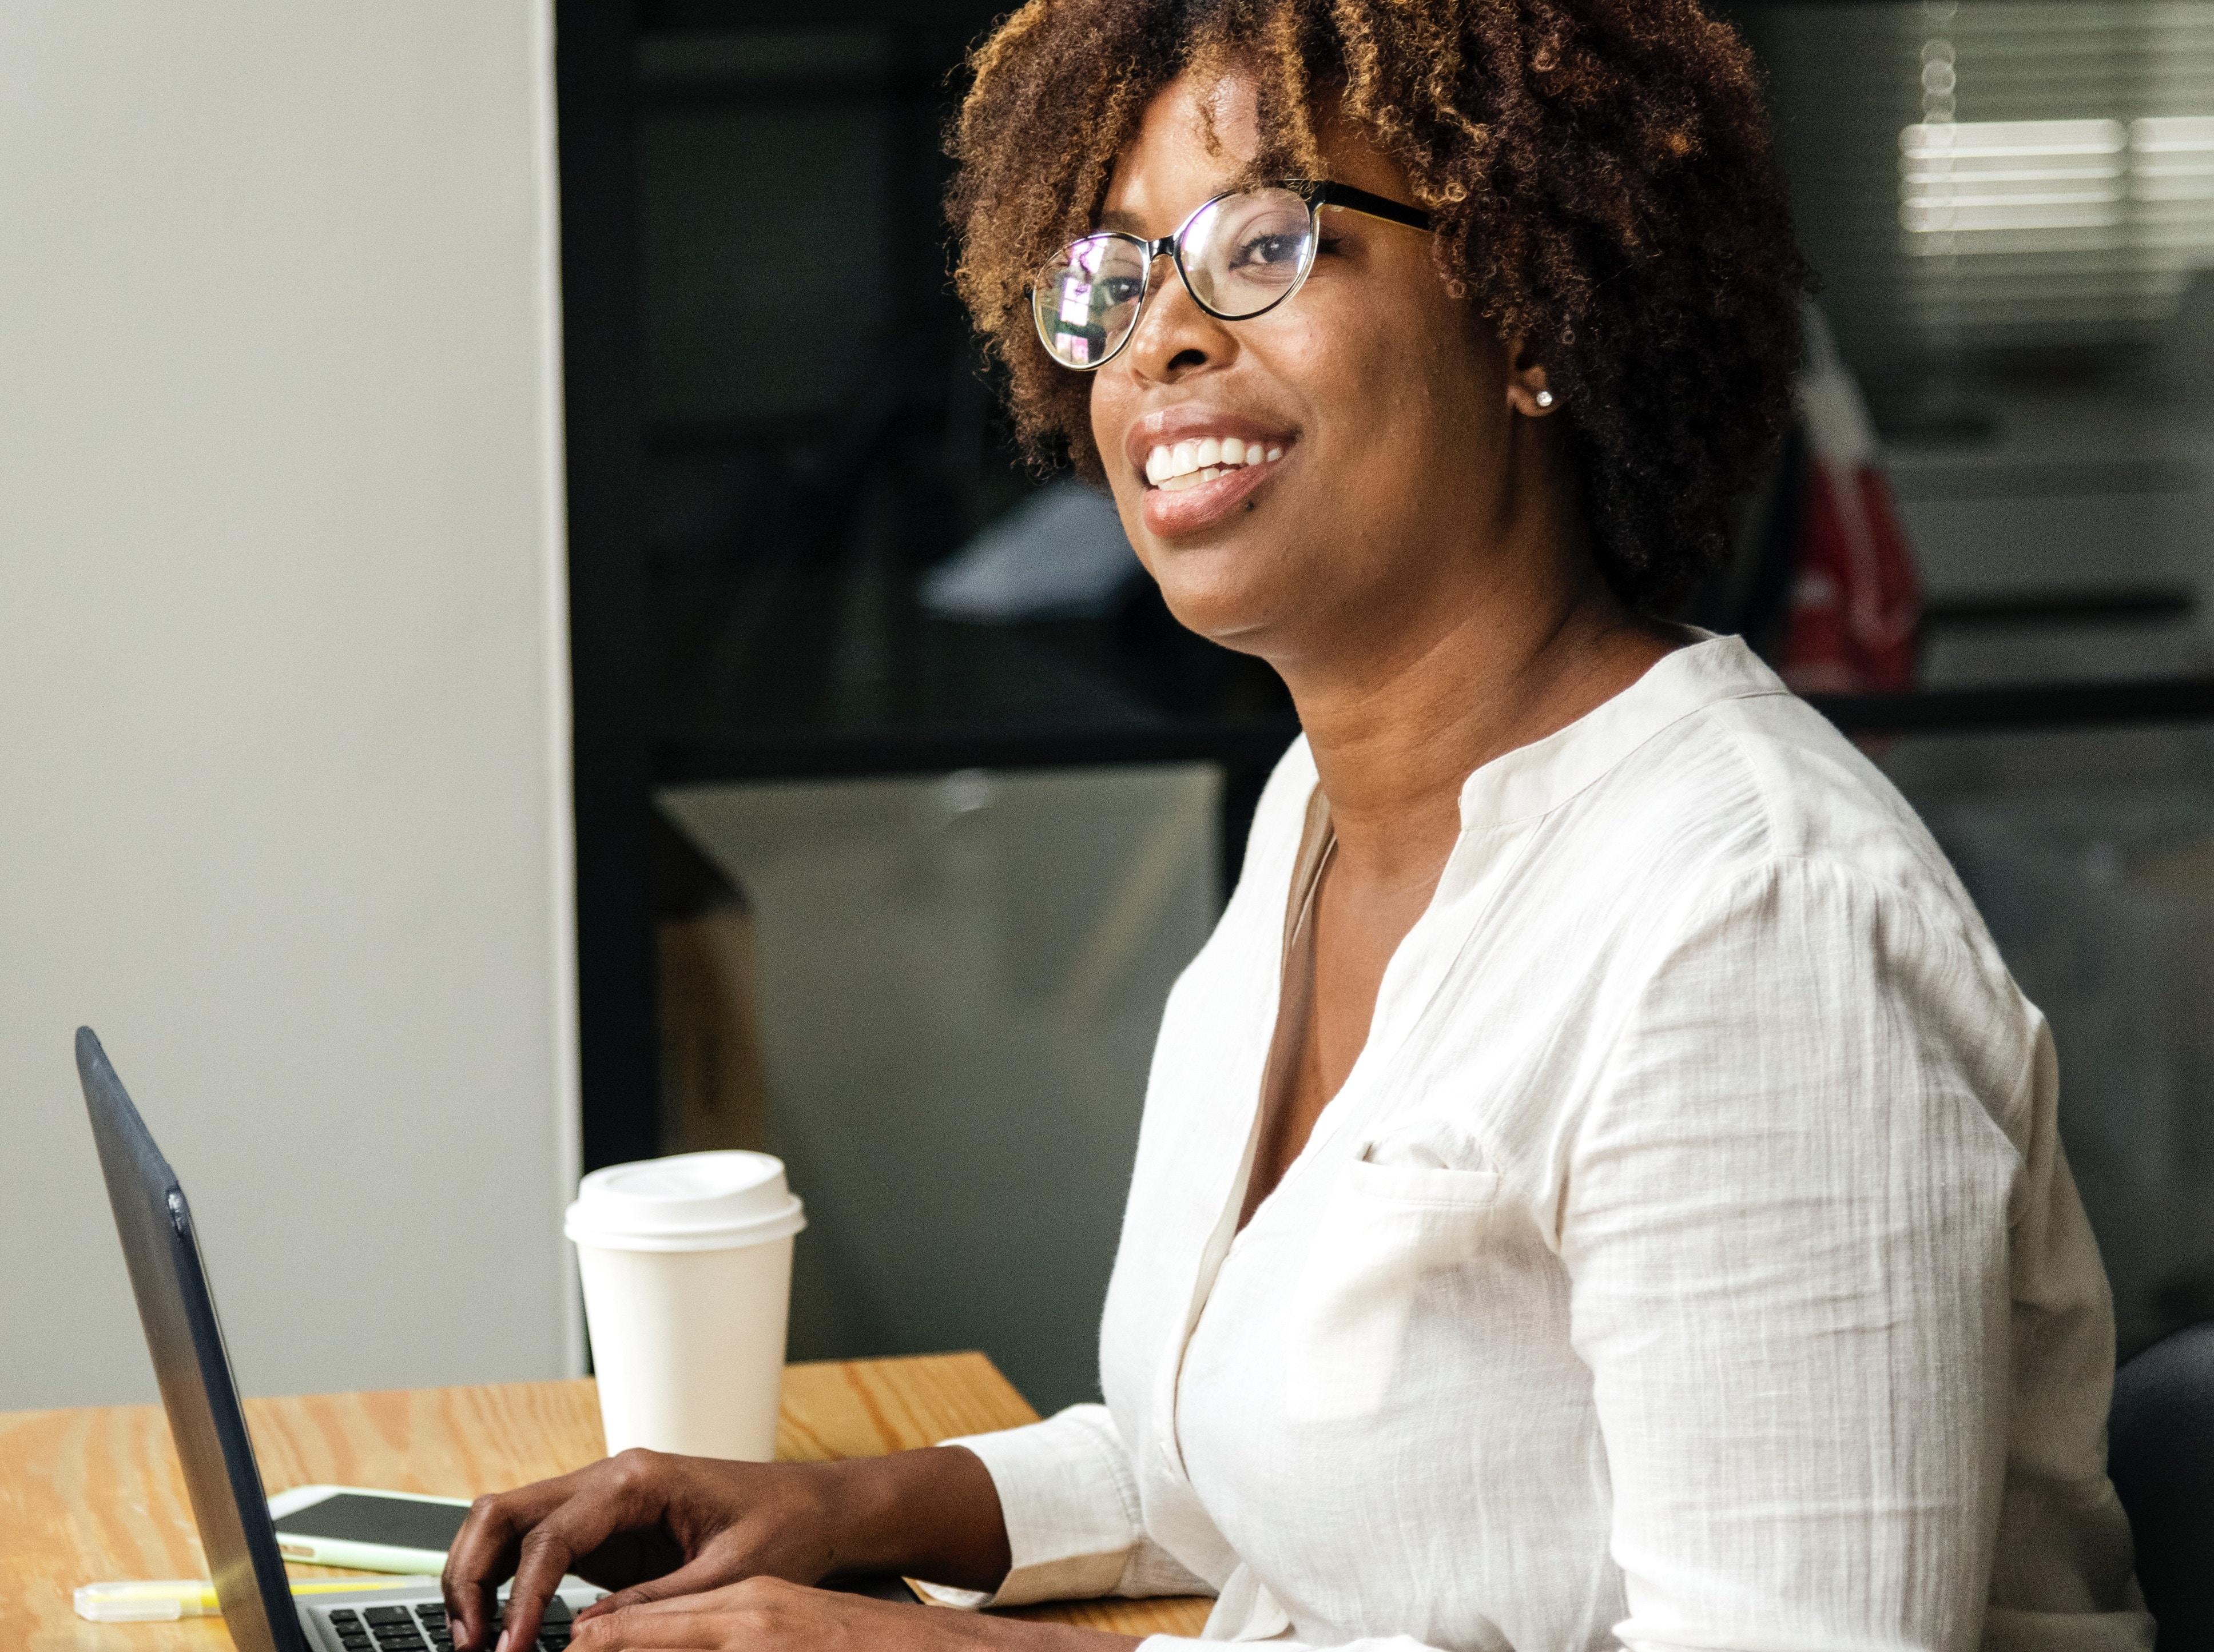 Women in Tech, woman programming on laptop - Photo by rawpixel on Unsplash